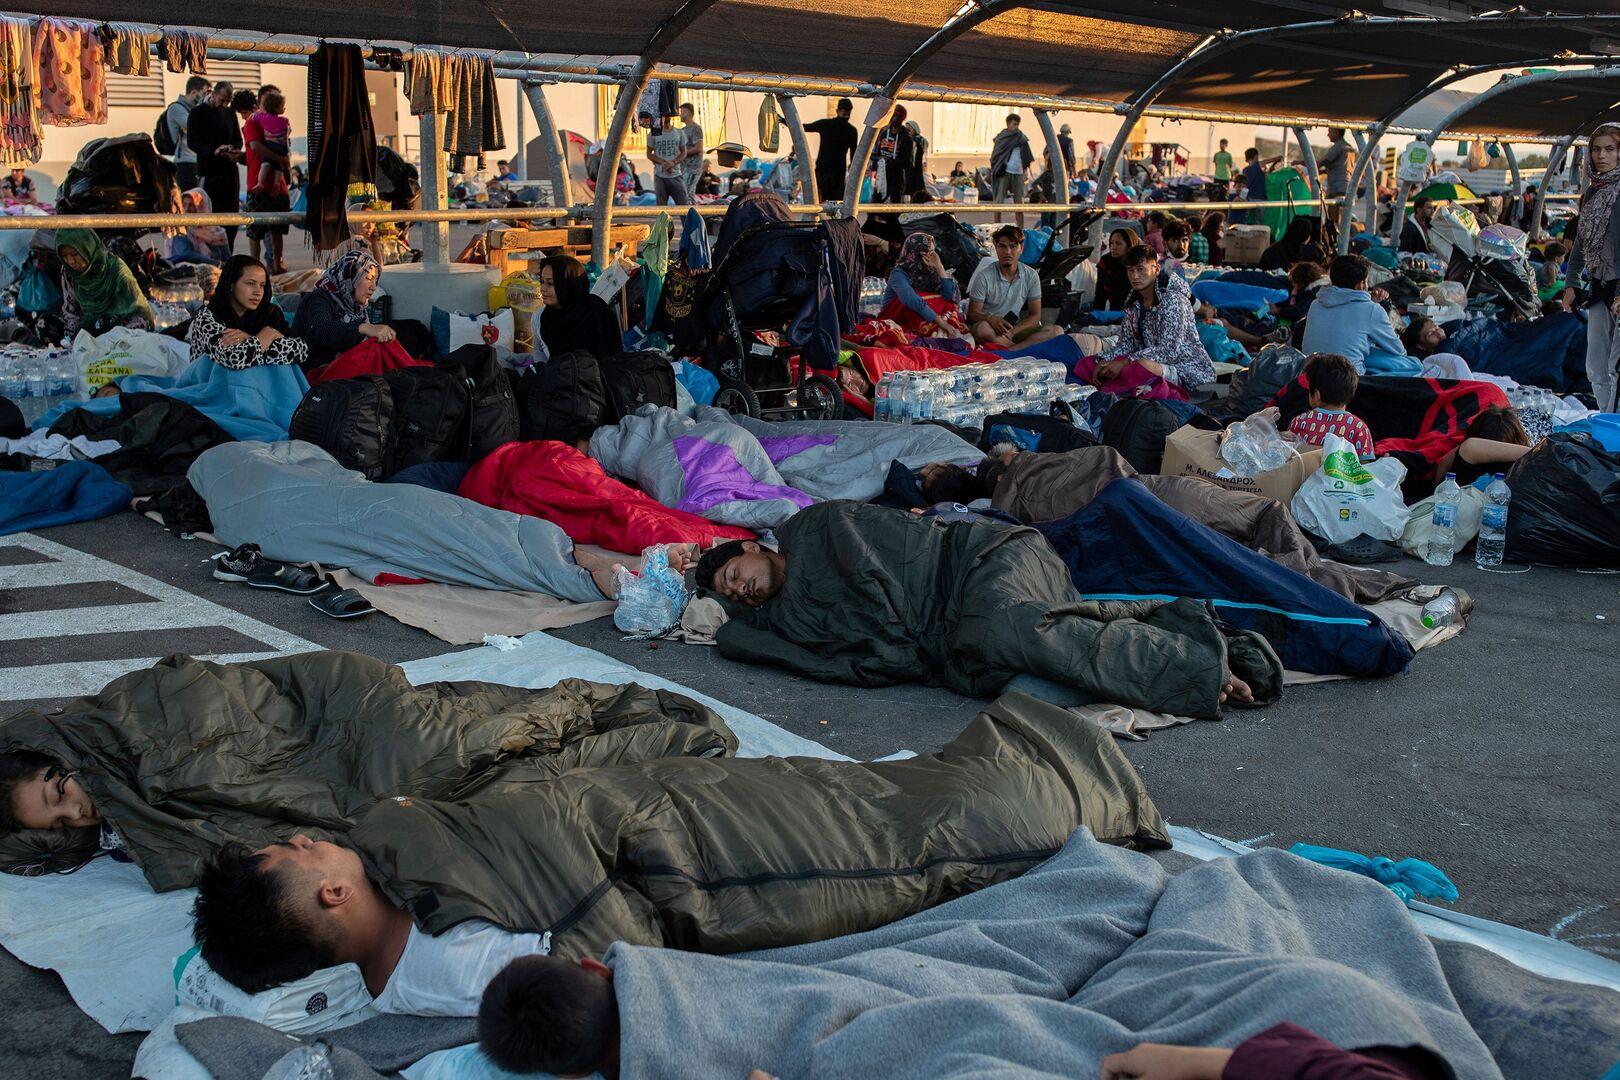 حكومة اليونان ترفض إجلاء المهاجرين من ليسبوس بعد حريق مخيم موريا